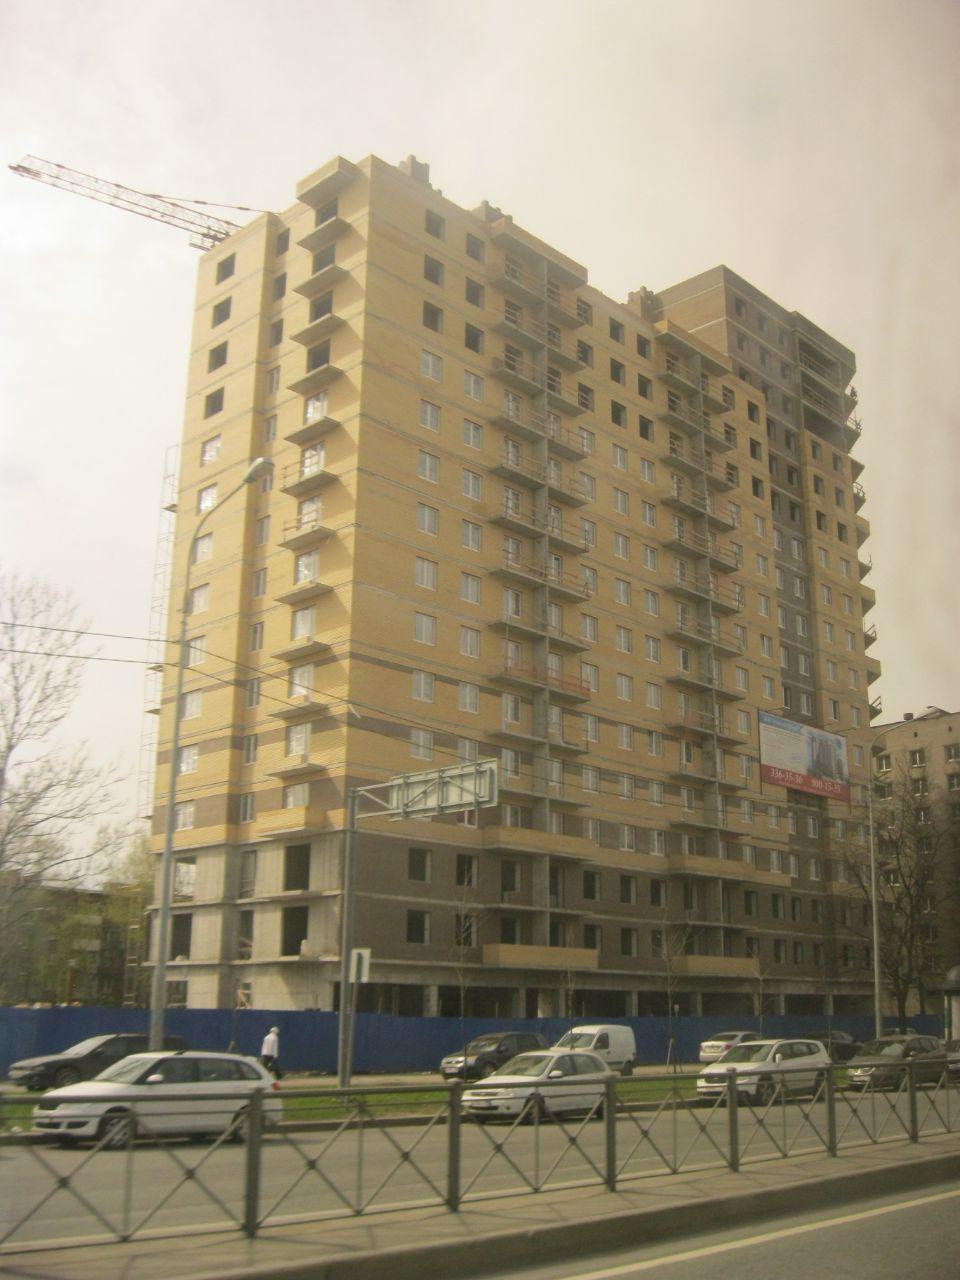 Коммерческая недвижимость на дачном проспекте аренда офиса почасовая в одинцово